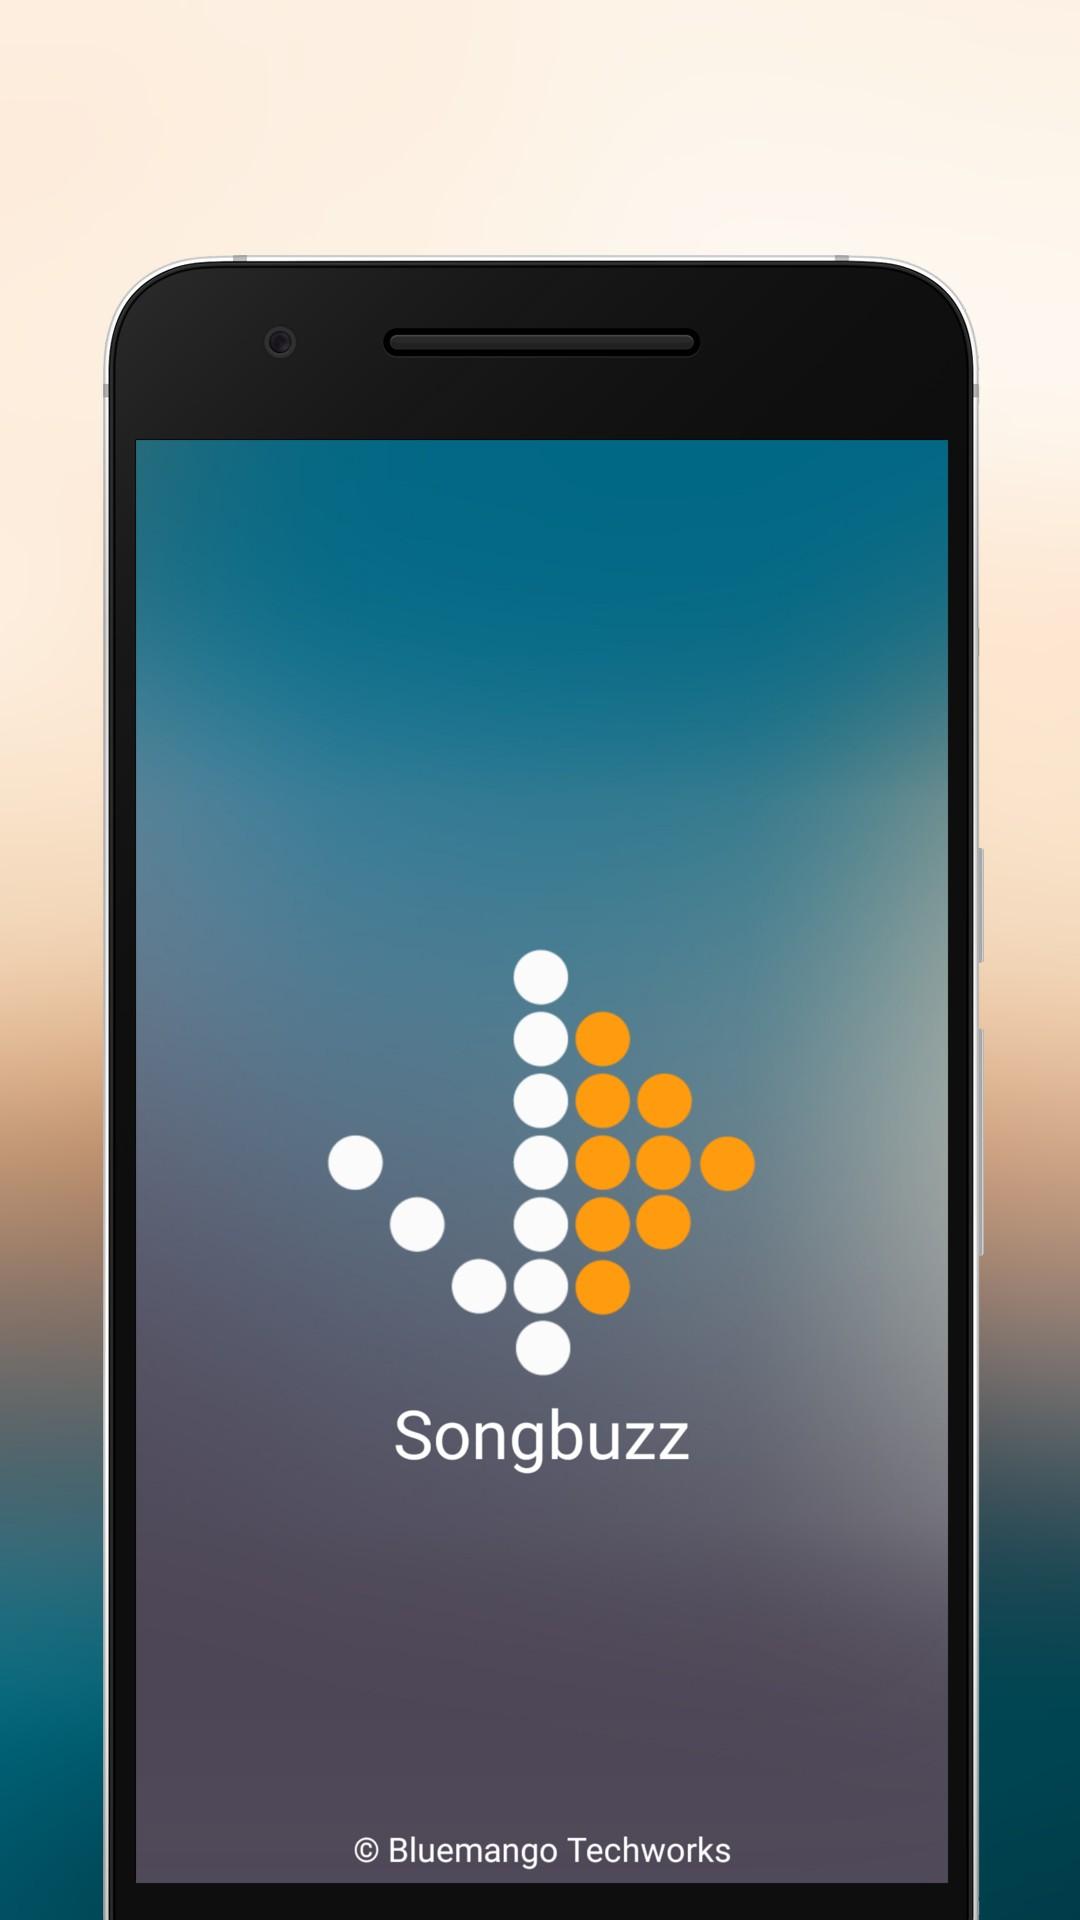 Songbuzz